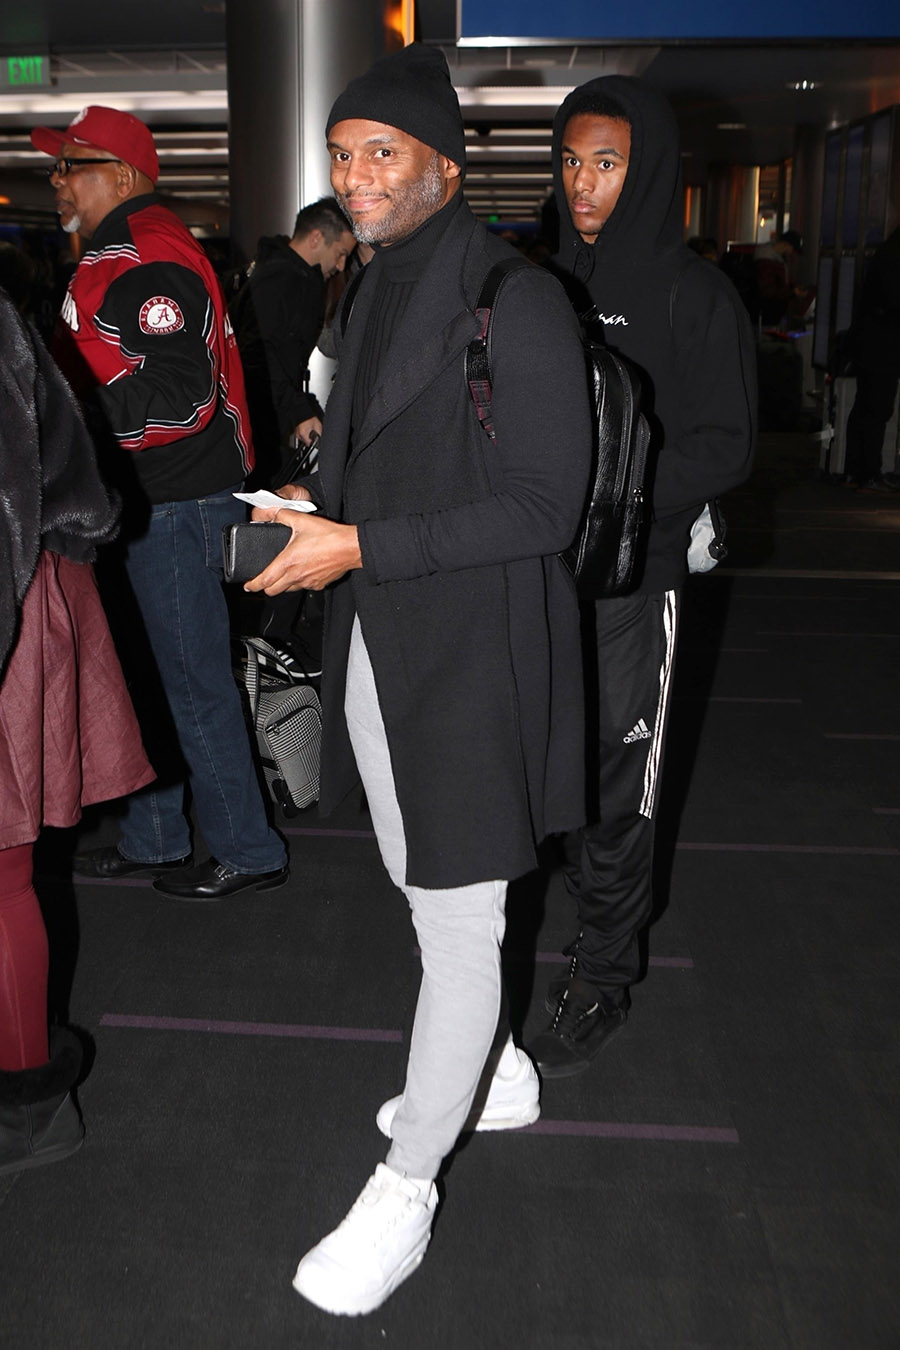 Celebs Out & About: Cardi B, Khloe kardashian, Kim ... | 900 x 1350 jpeg 175kB